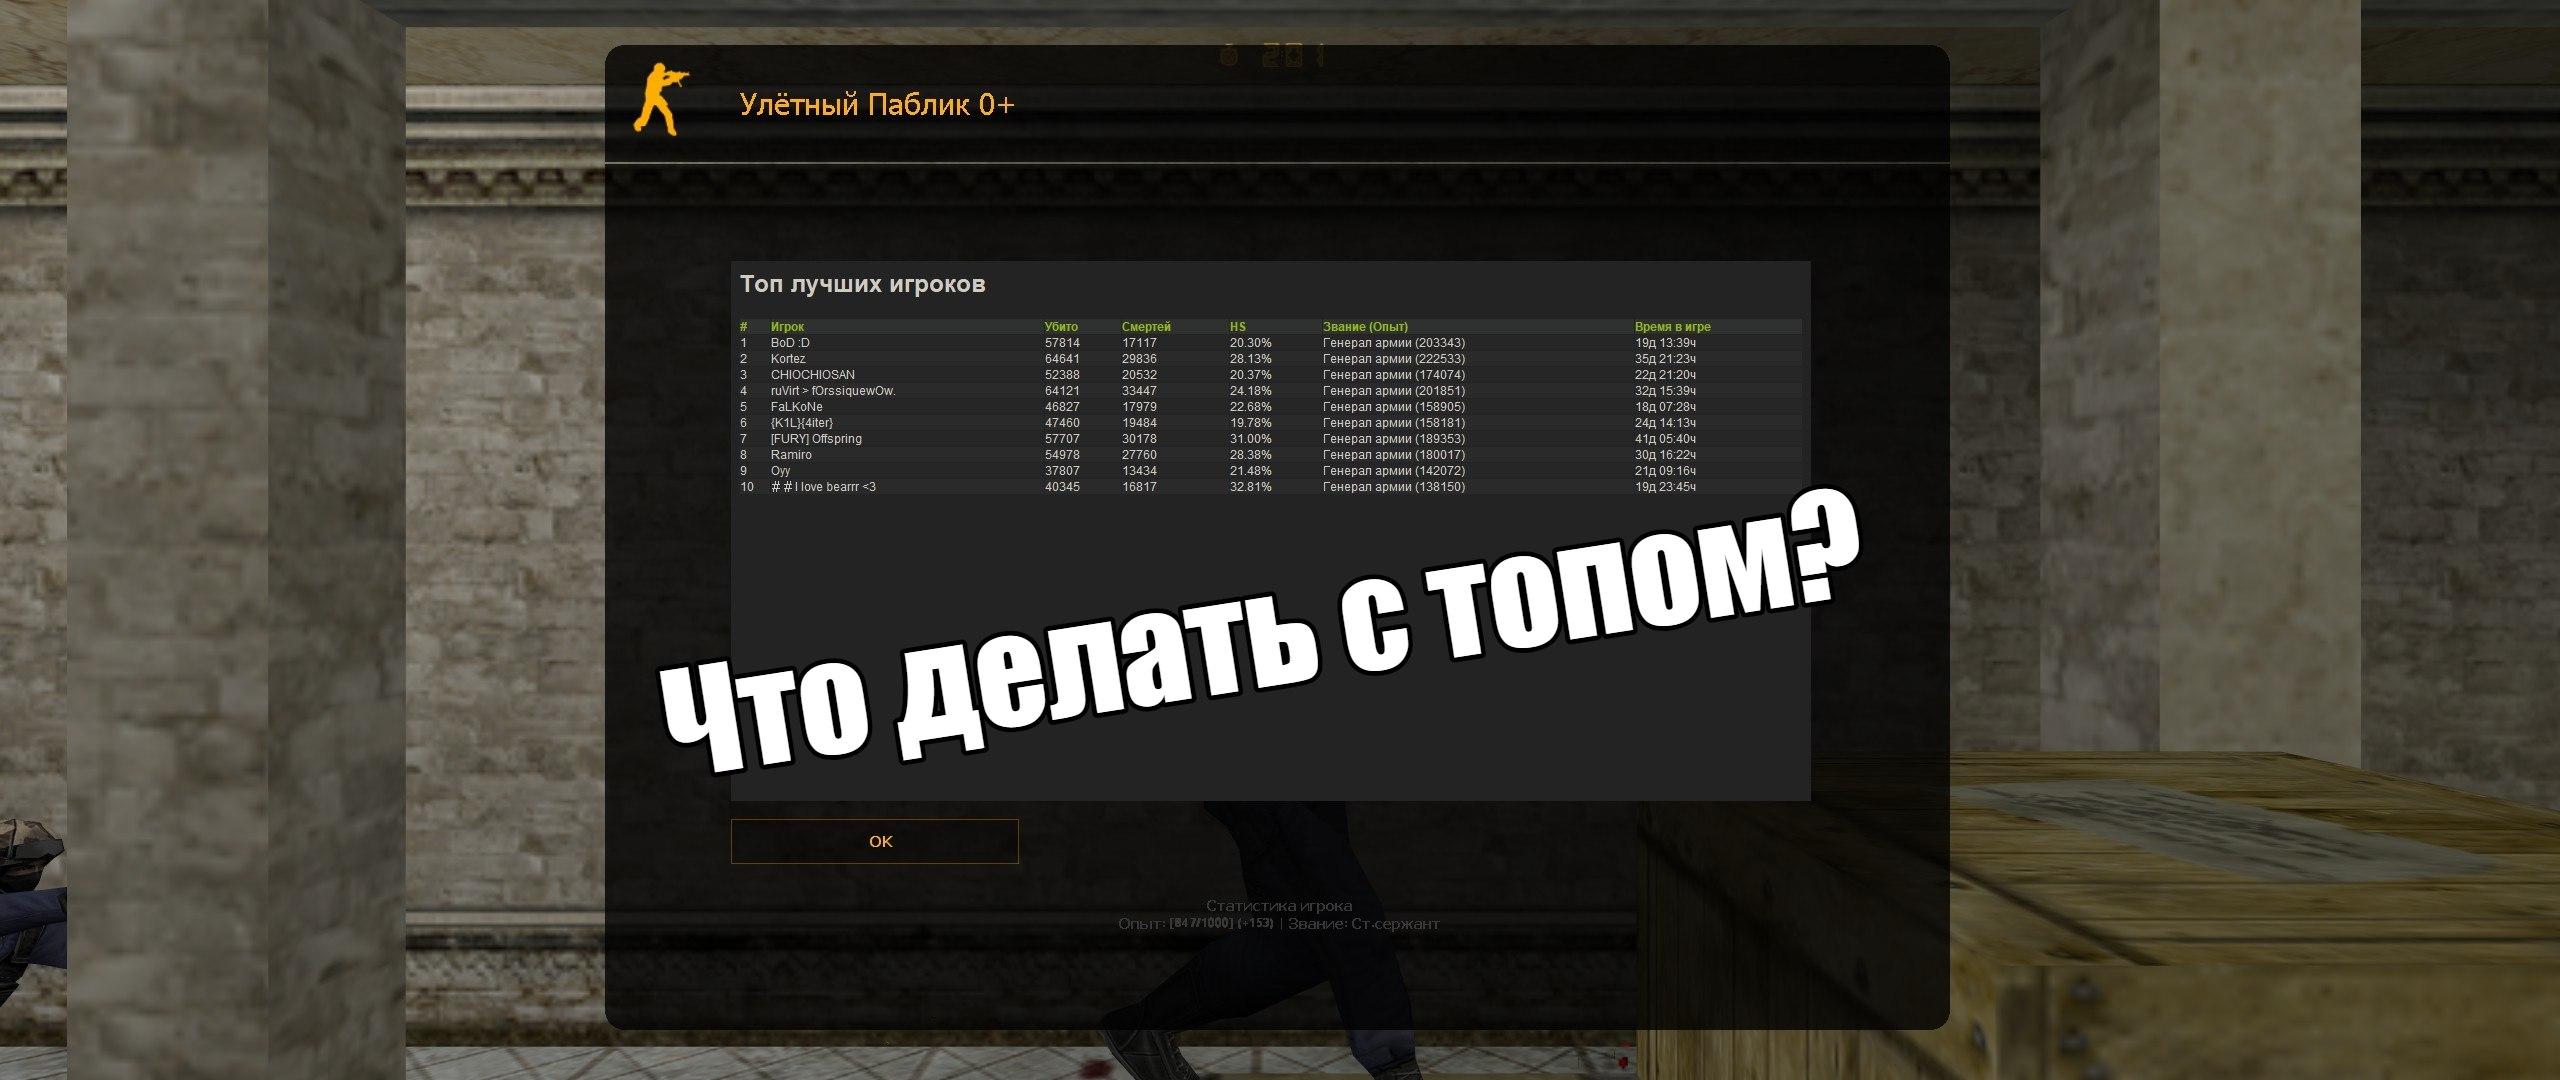 V8w4TAq8YvY.jpg